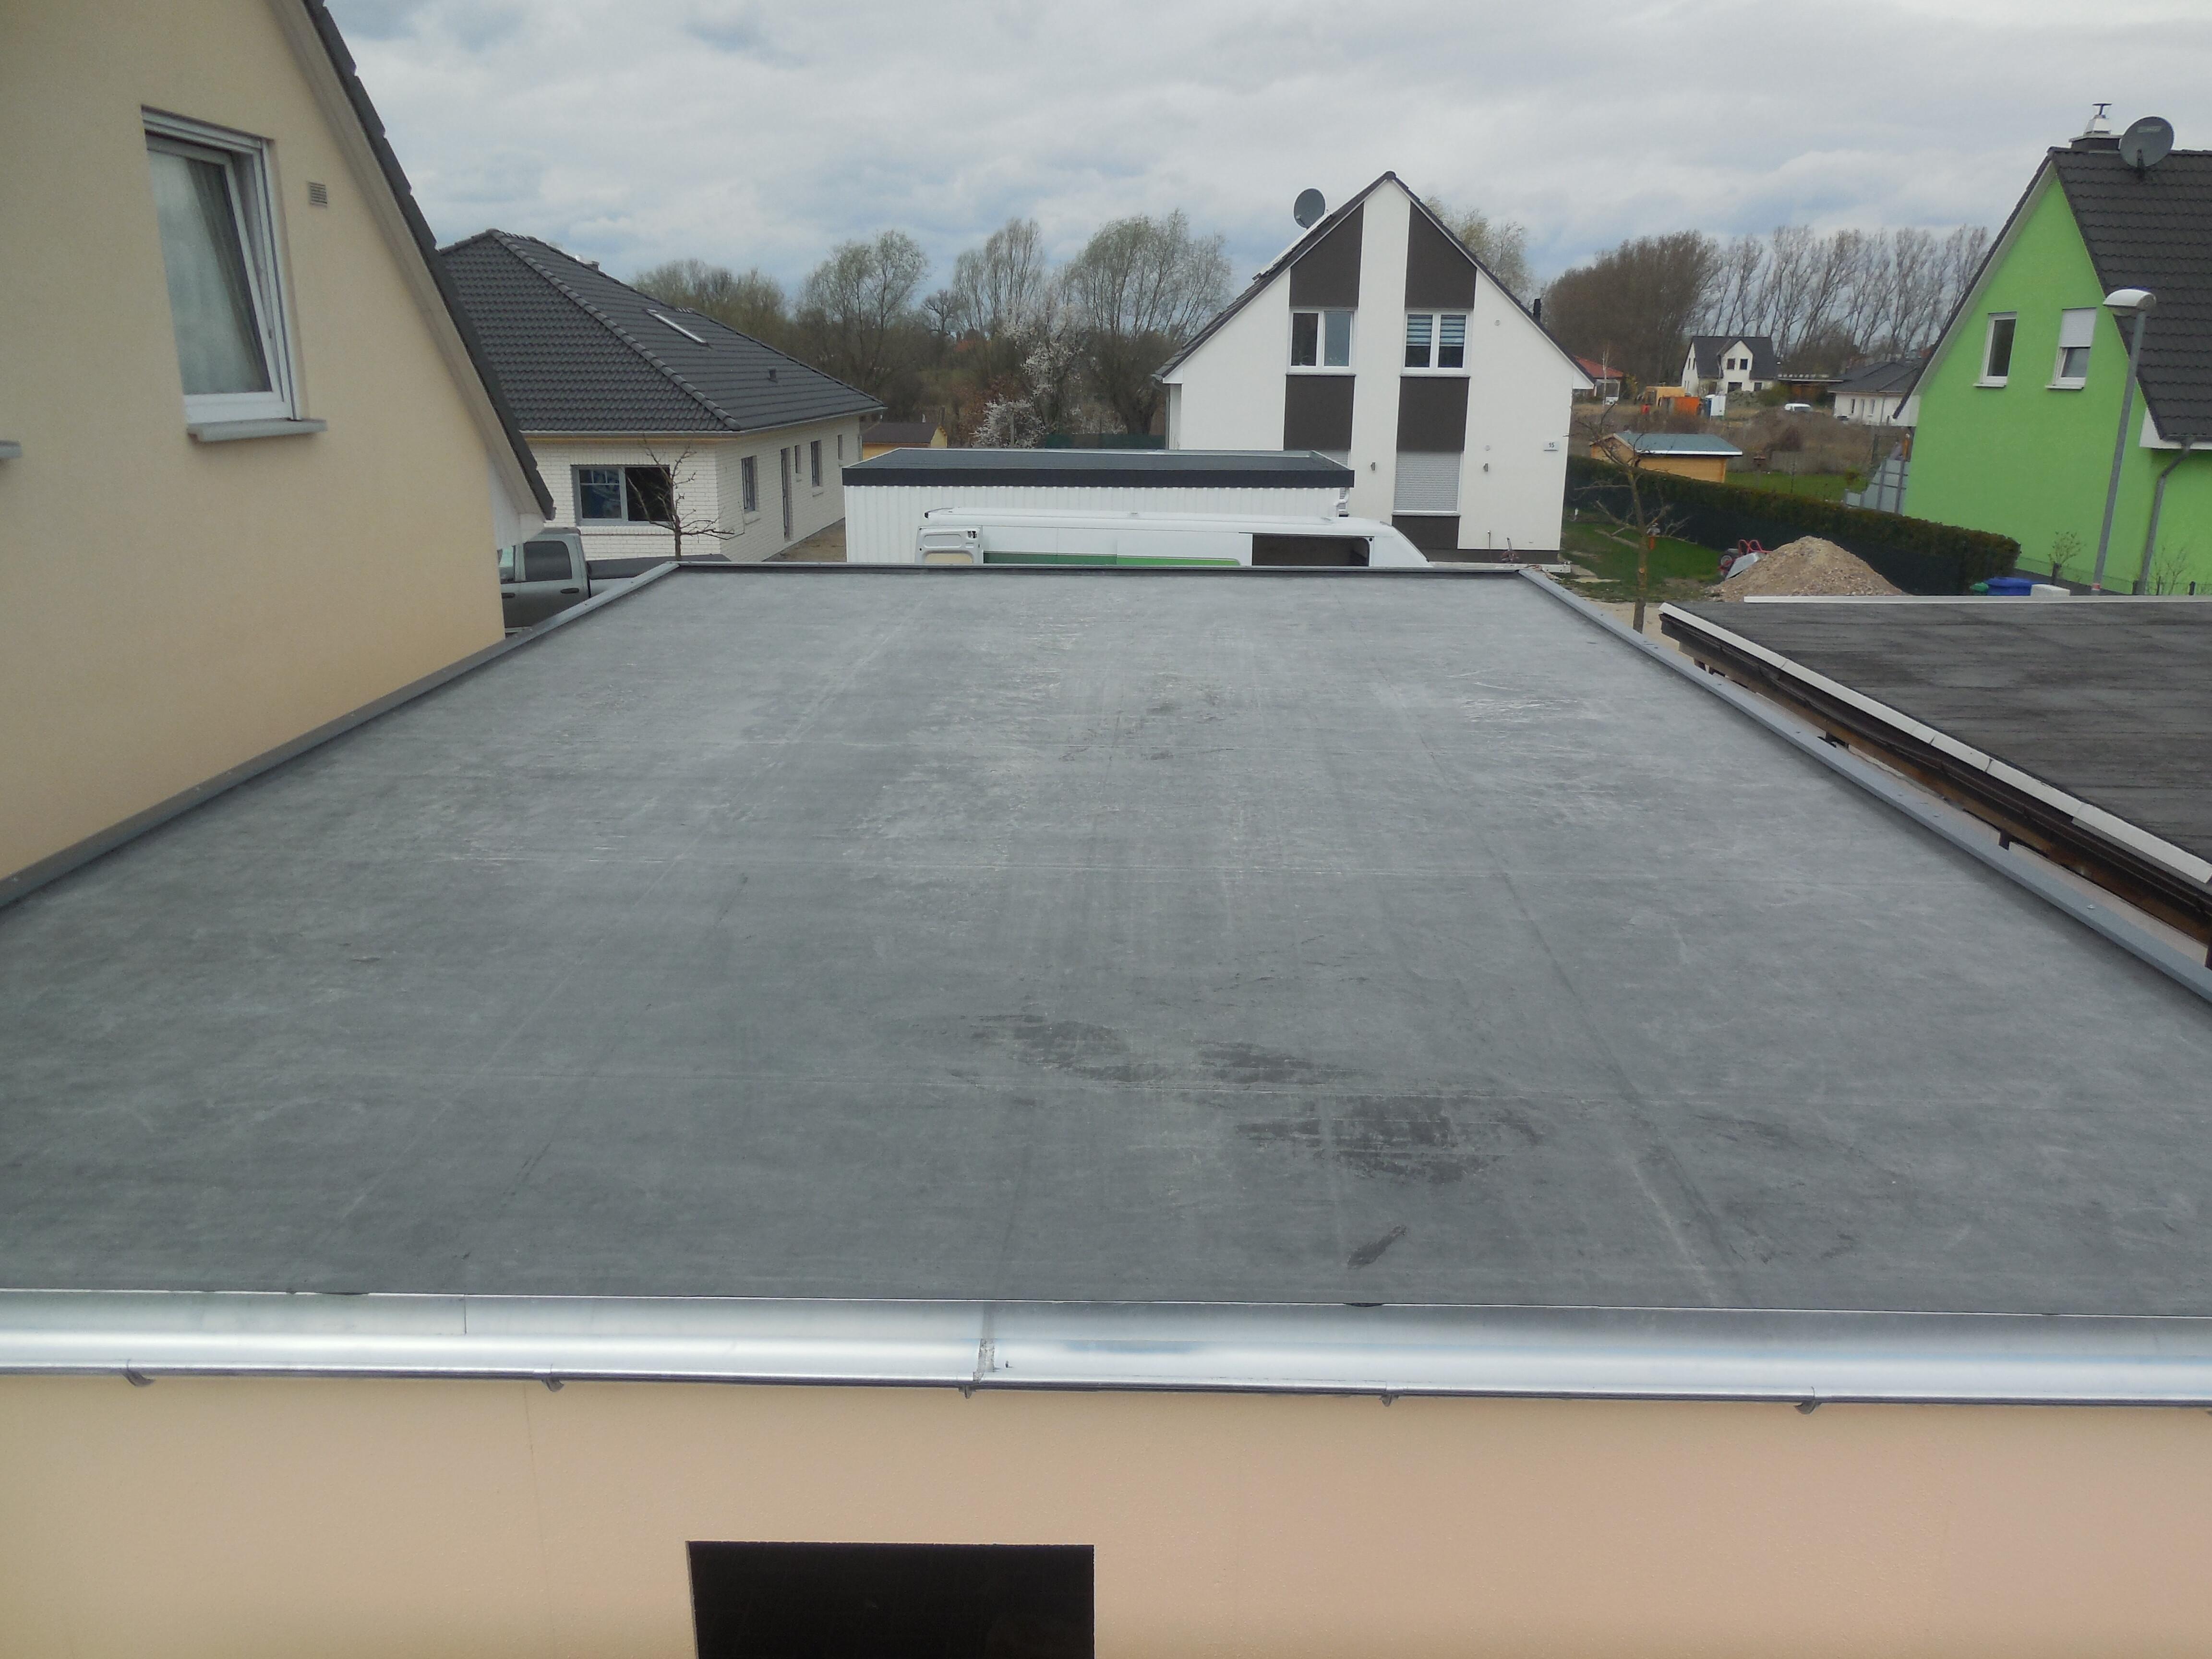 Dach Garage in Holzständerbauweise.